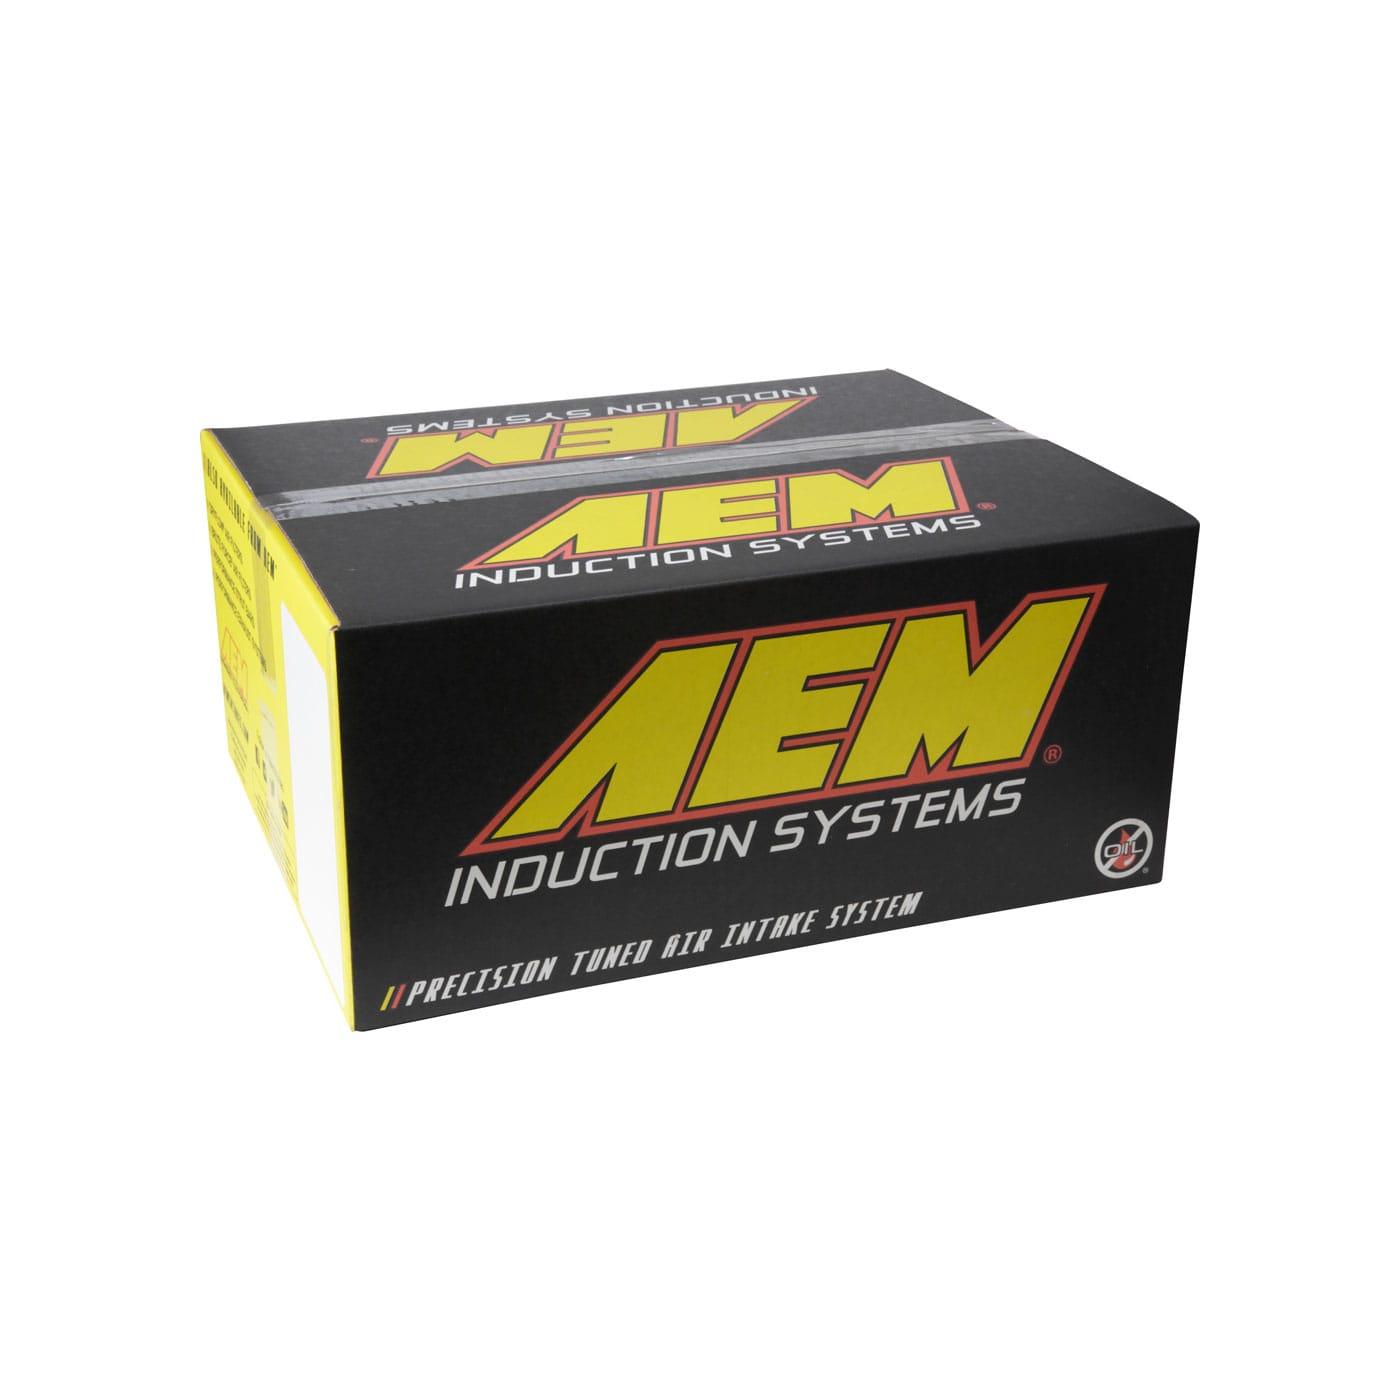 AEM AEM-21-798C Cold Air Intake System